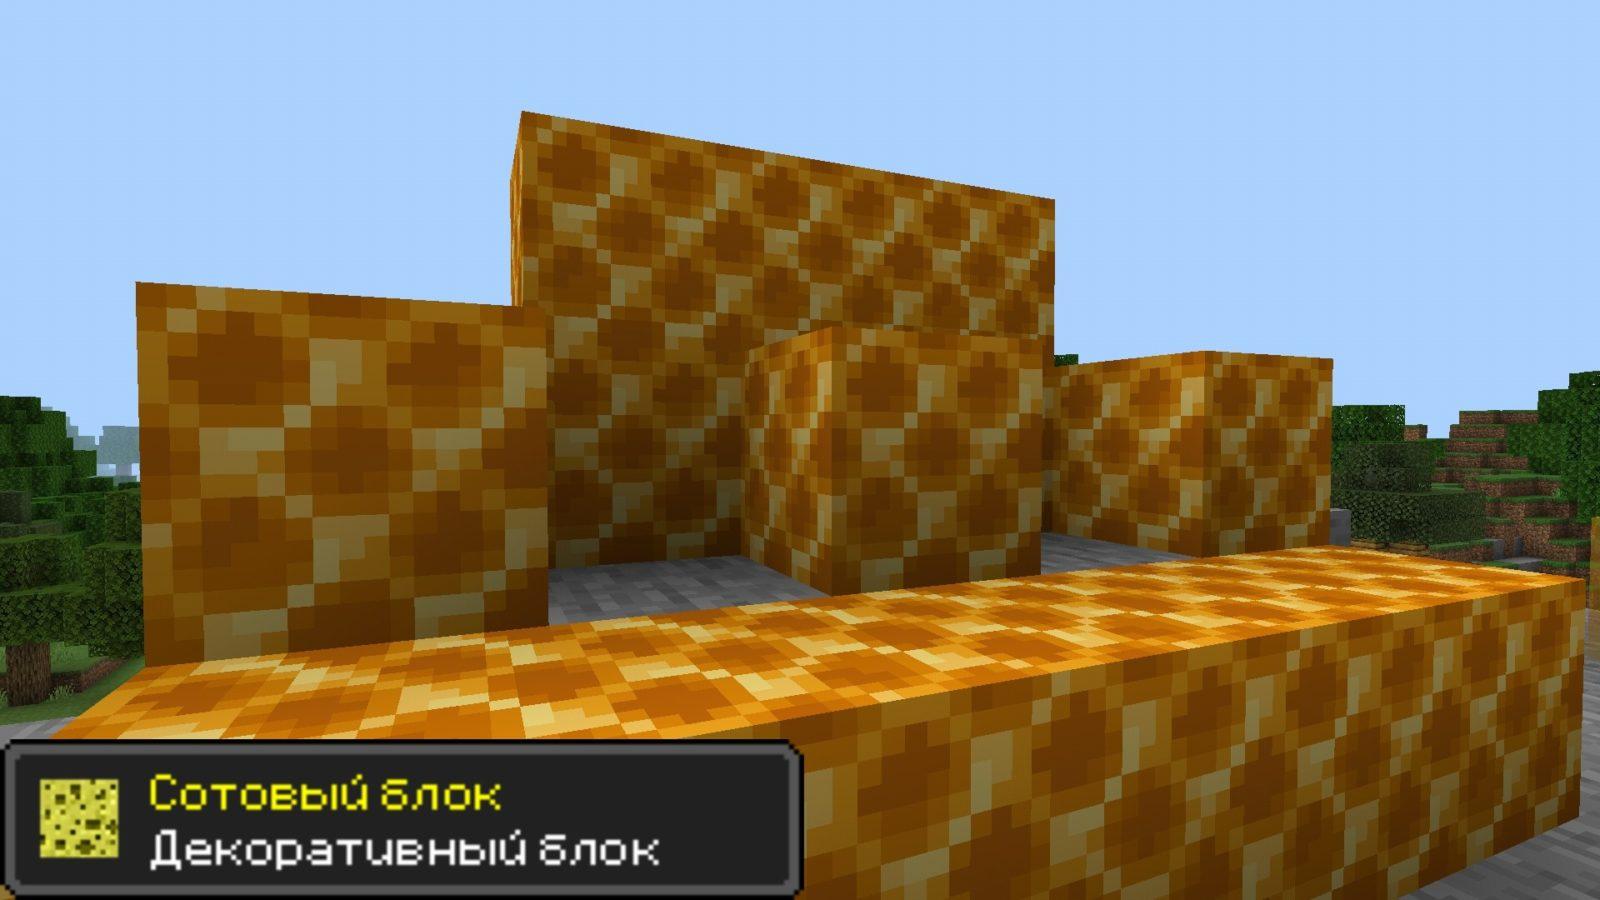 Sotovye bloky Minecraft PE 1.14.30